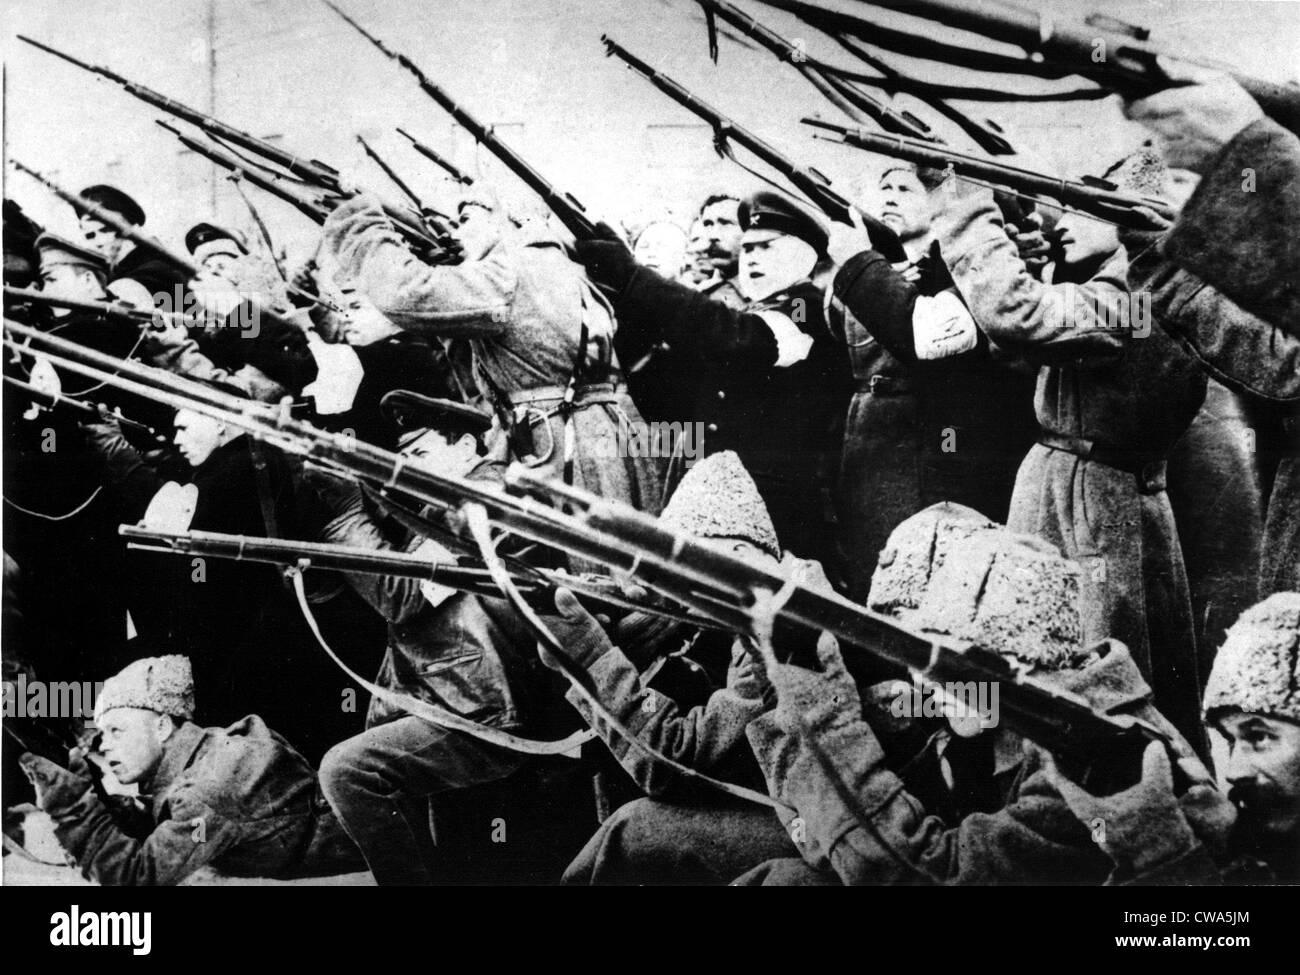 BOLSCHEWISTISCHEN REVOLUTION 1917... Höflichkeit: CSU Archive / Everett Collection Stockbild